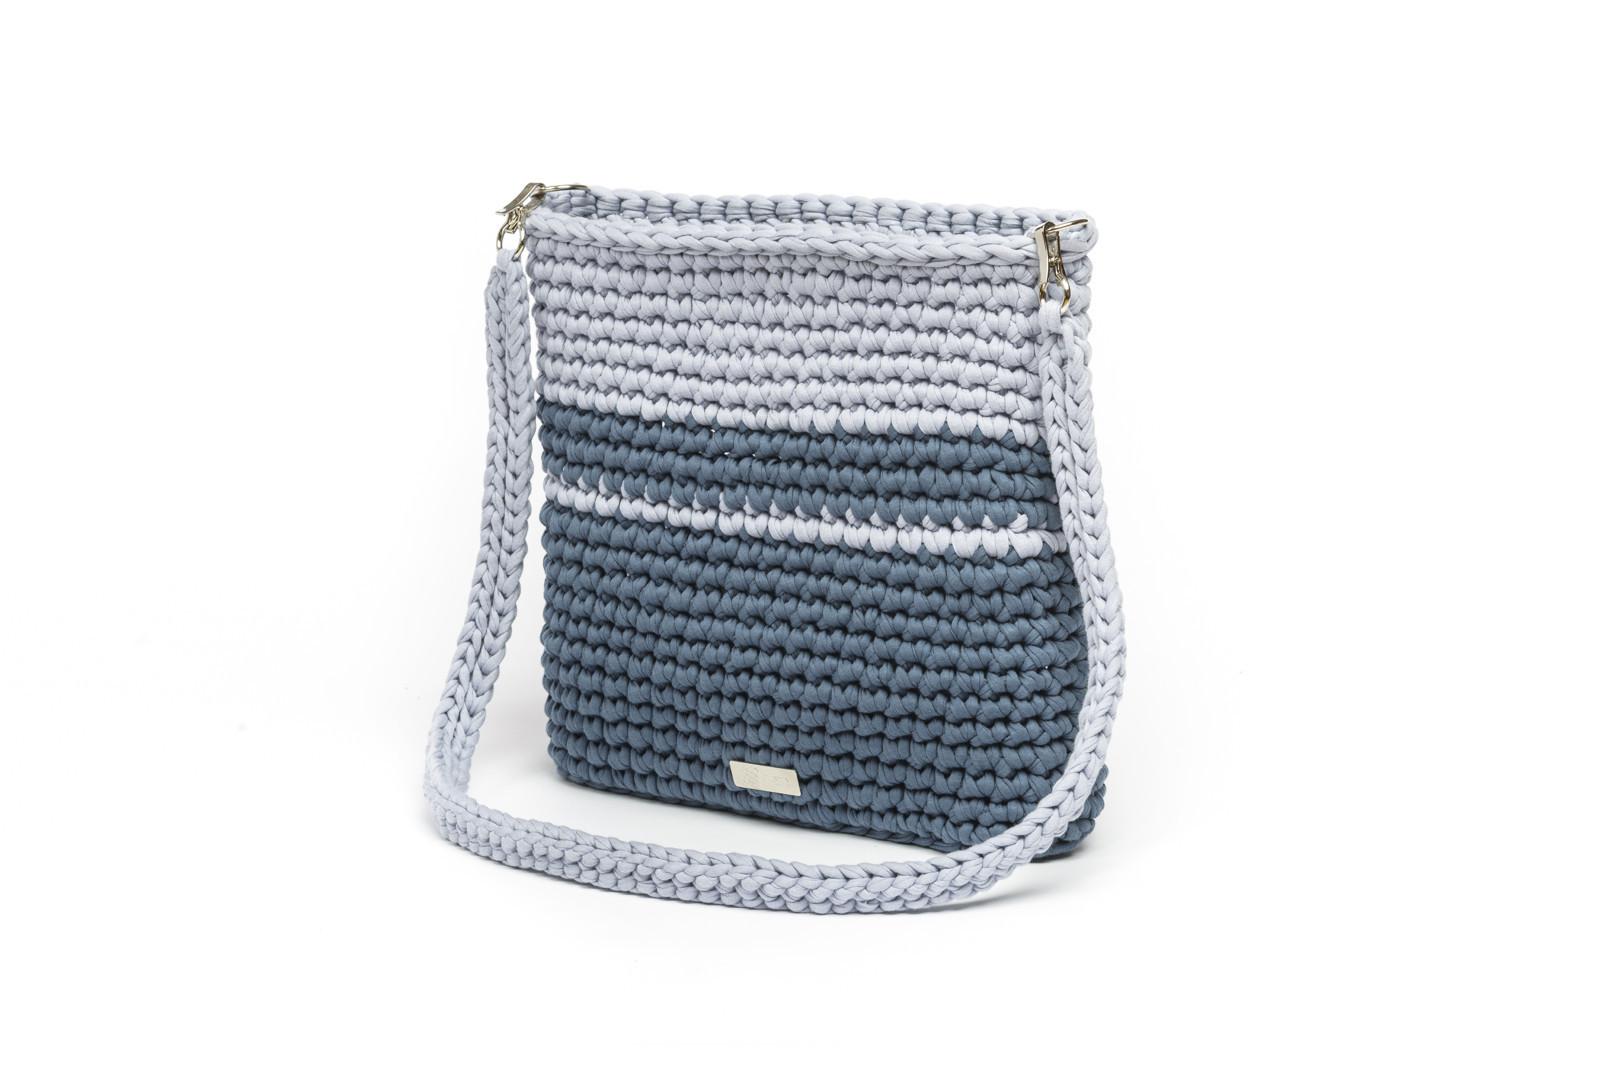 Háčkovaná crossbody kabelka viktorie šedomodrá   Zboží prodejce ... d2b5cc23810